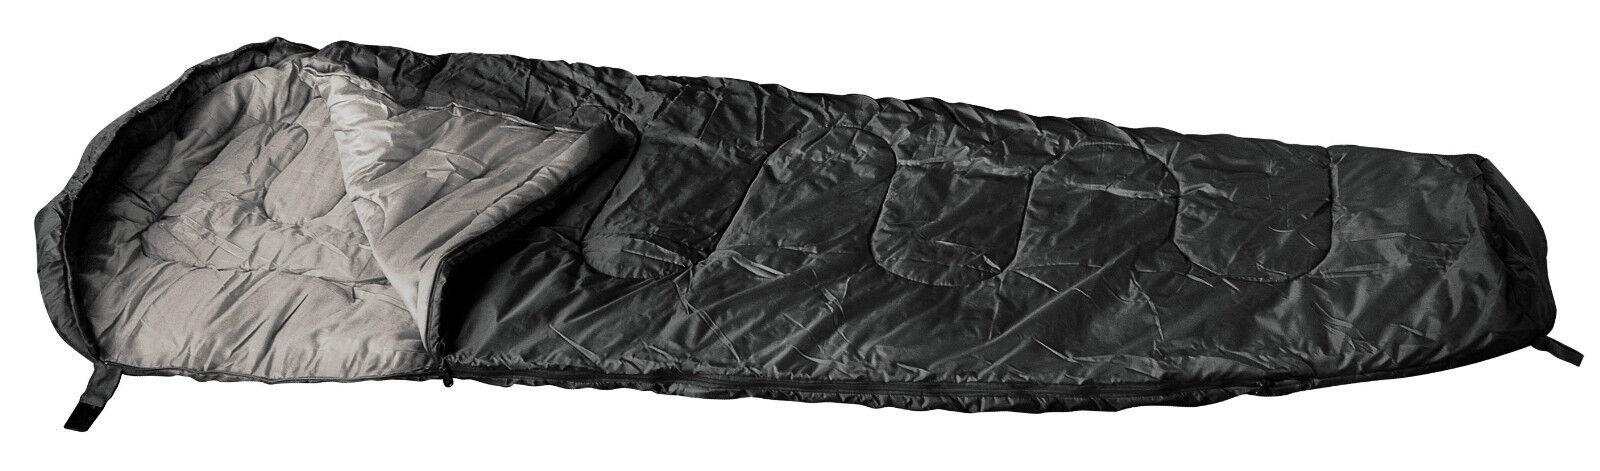 Army Sacco A Pelo Mummia Nero NOI Forze Speciali KSK Marines Guarnizioni Blu